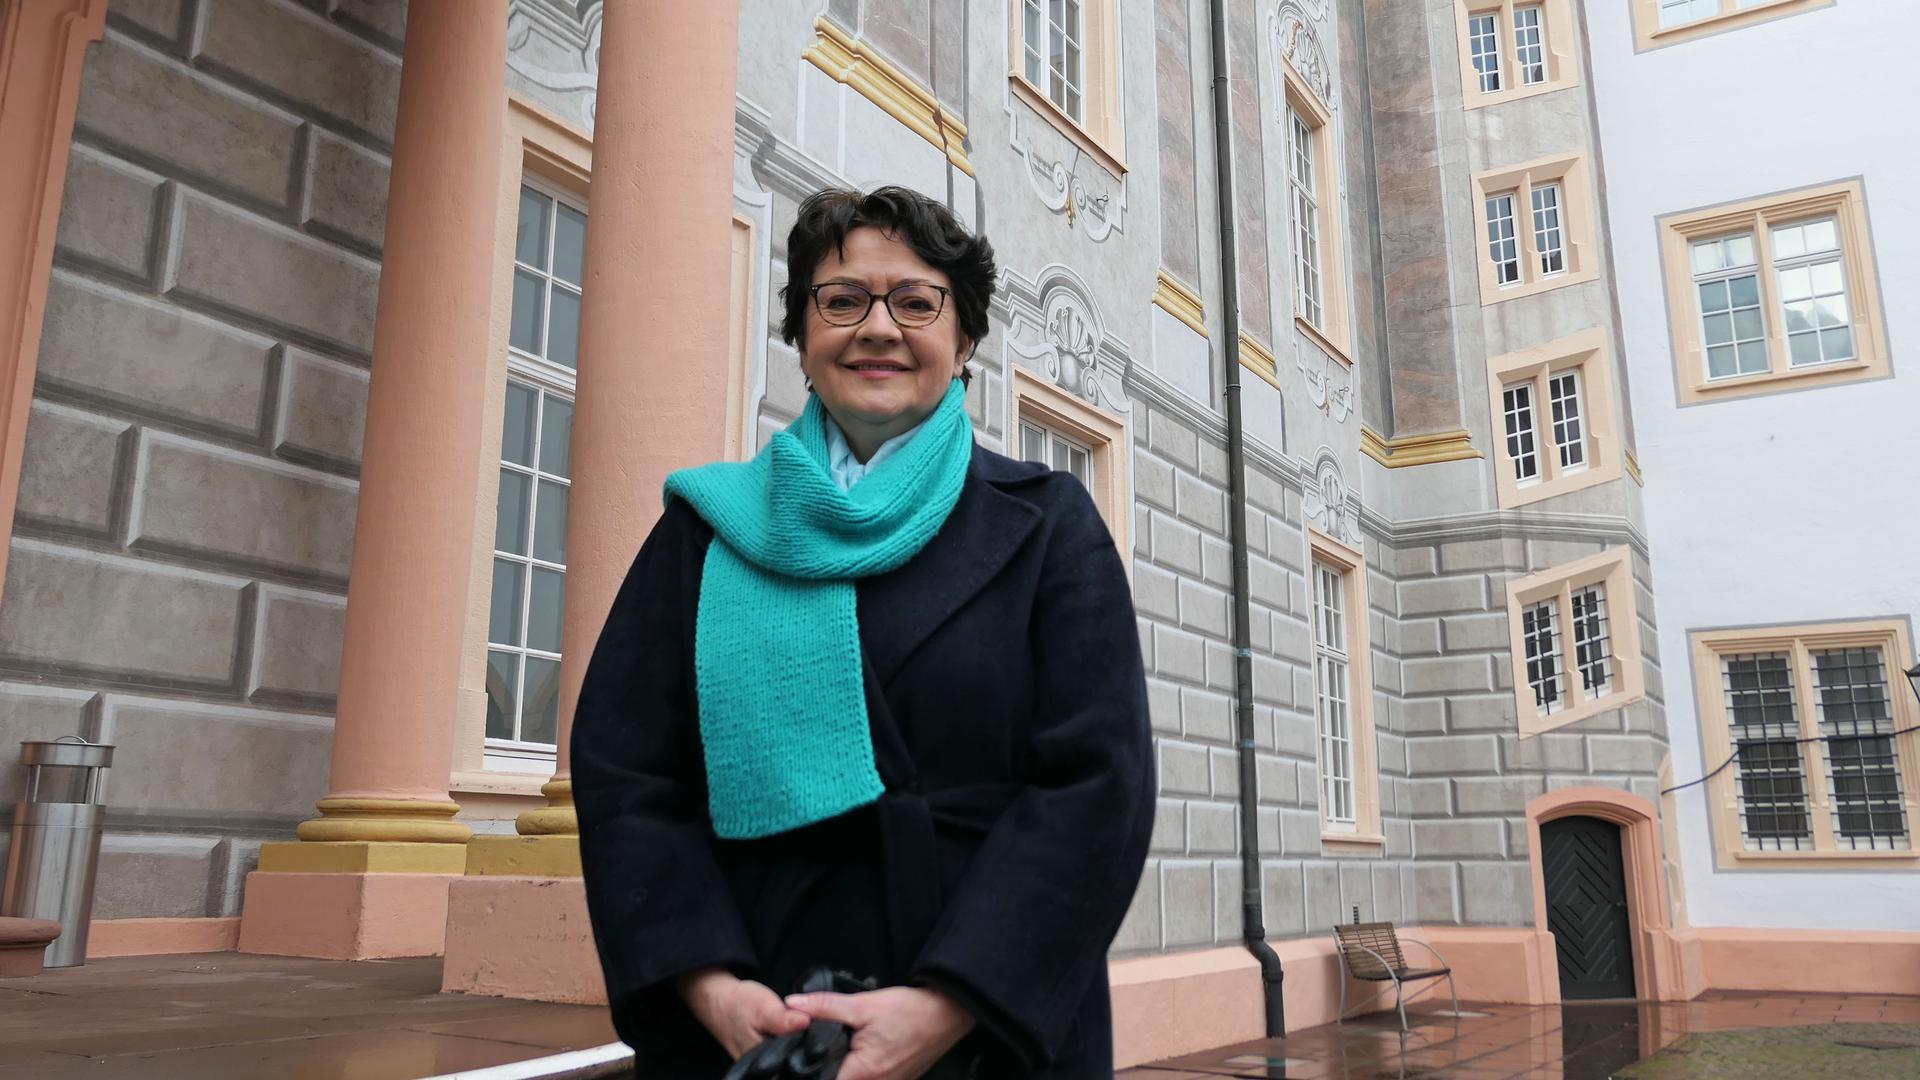 Vor historischer Kulisse am Ettlinger Schloss: Die Grünen-Abgeordnete Barbara Saebel bewirbt sich erneut um ein Mandat im baden-württembergischen Landtag.